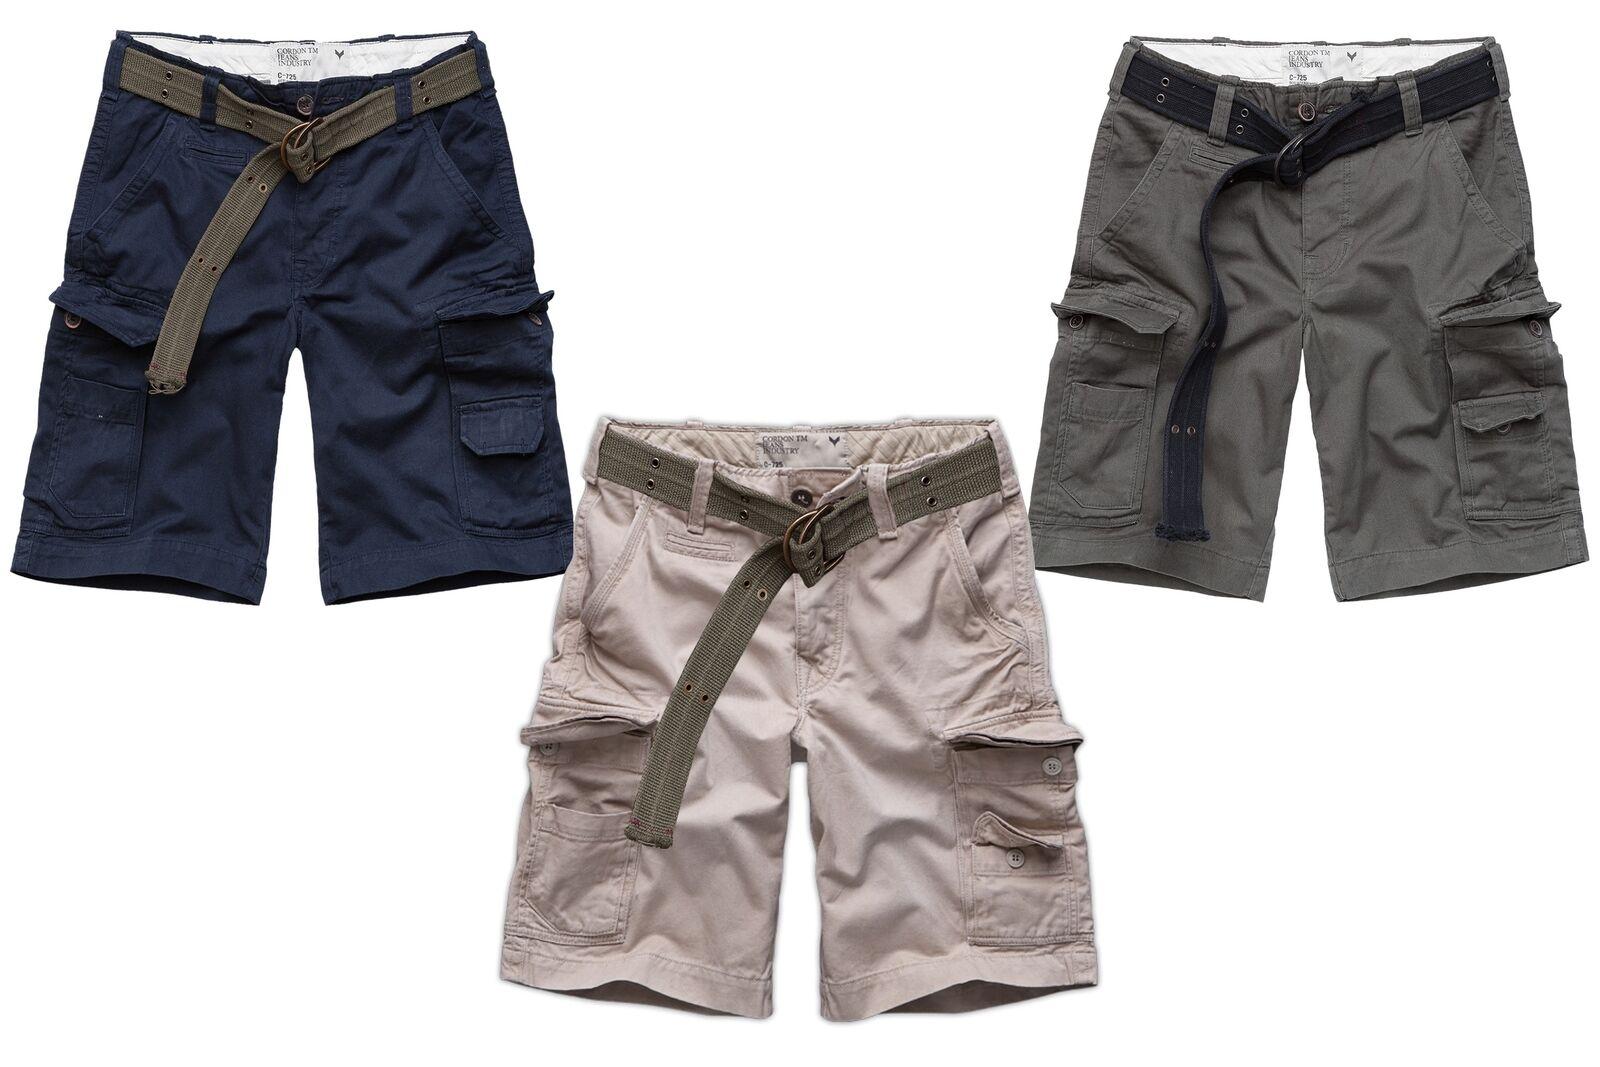 Cordon Sports Berlin Men's Short Cargo Trousers Bud + Belt bluee Beige Grey